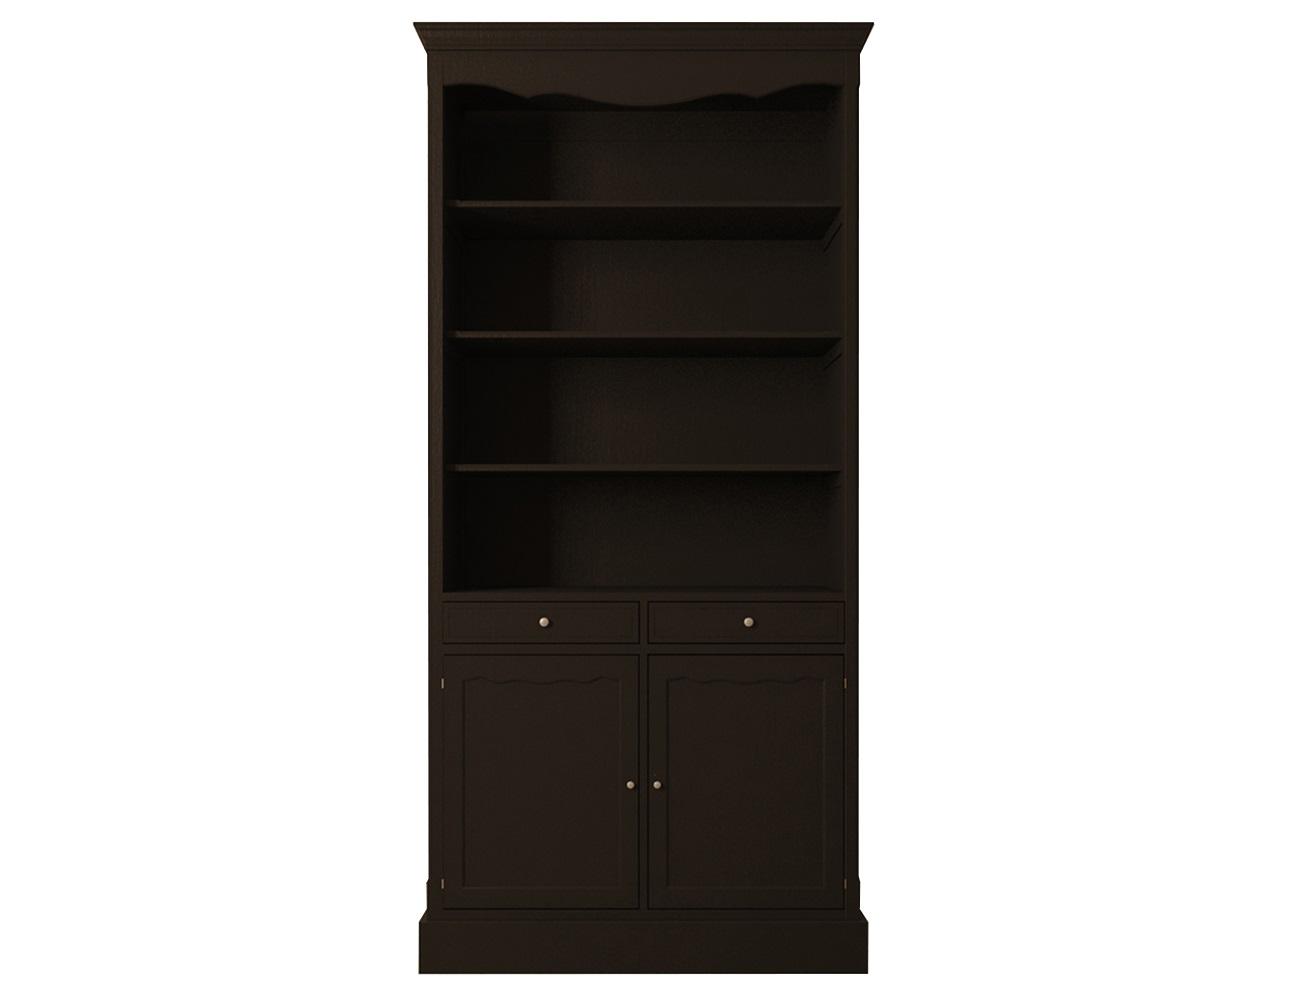 Шкаф Leontina BlackКнижные шкафы и библиотеки<br><br><br>Material: Береза<br>Ширина см: 104<br>Высота см: 220<br>Глубина см: 40